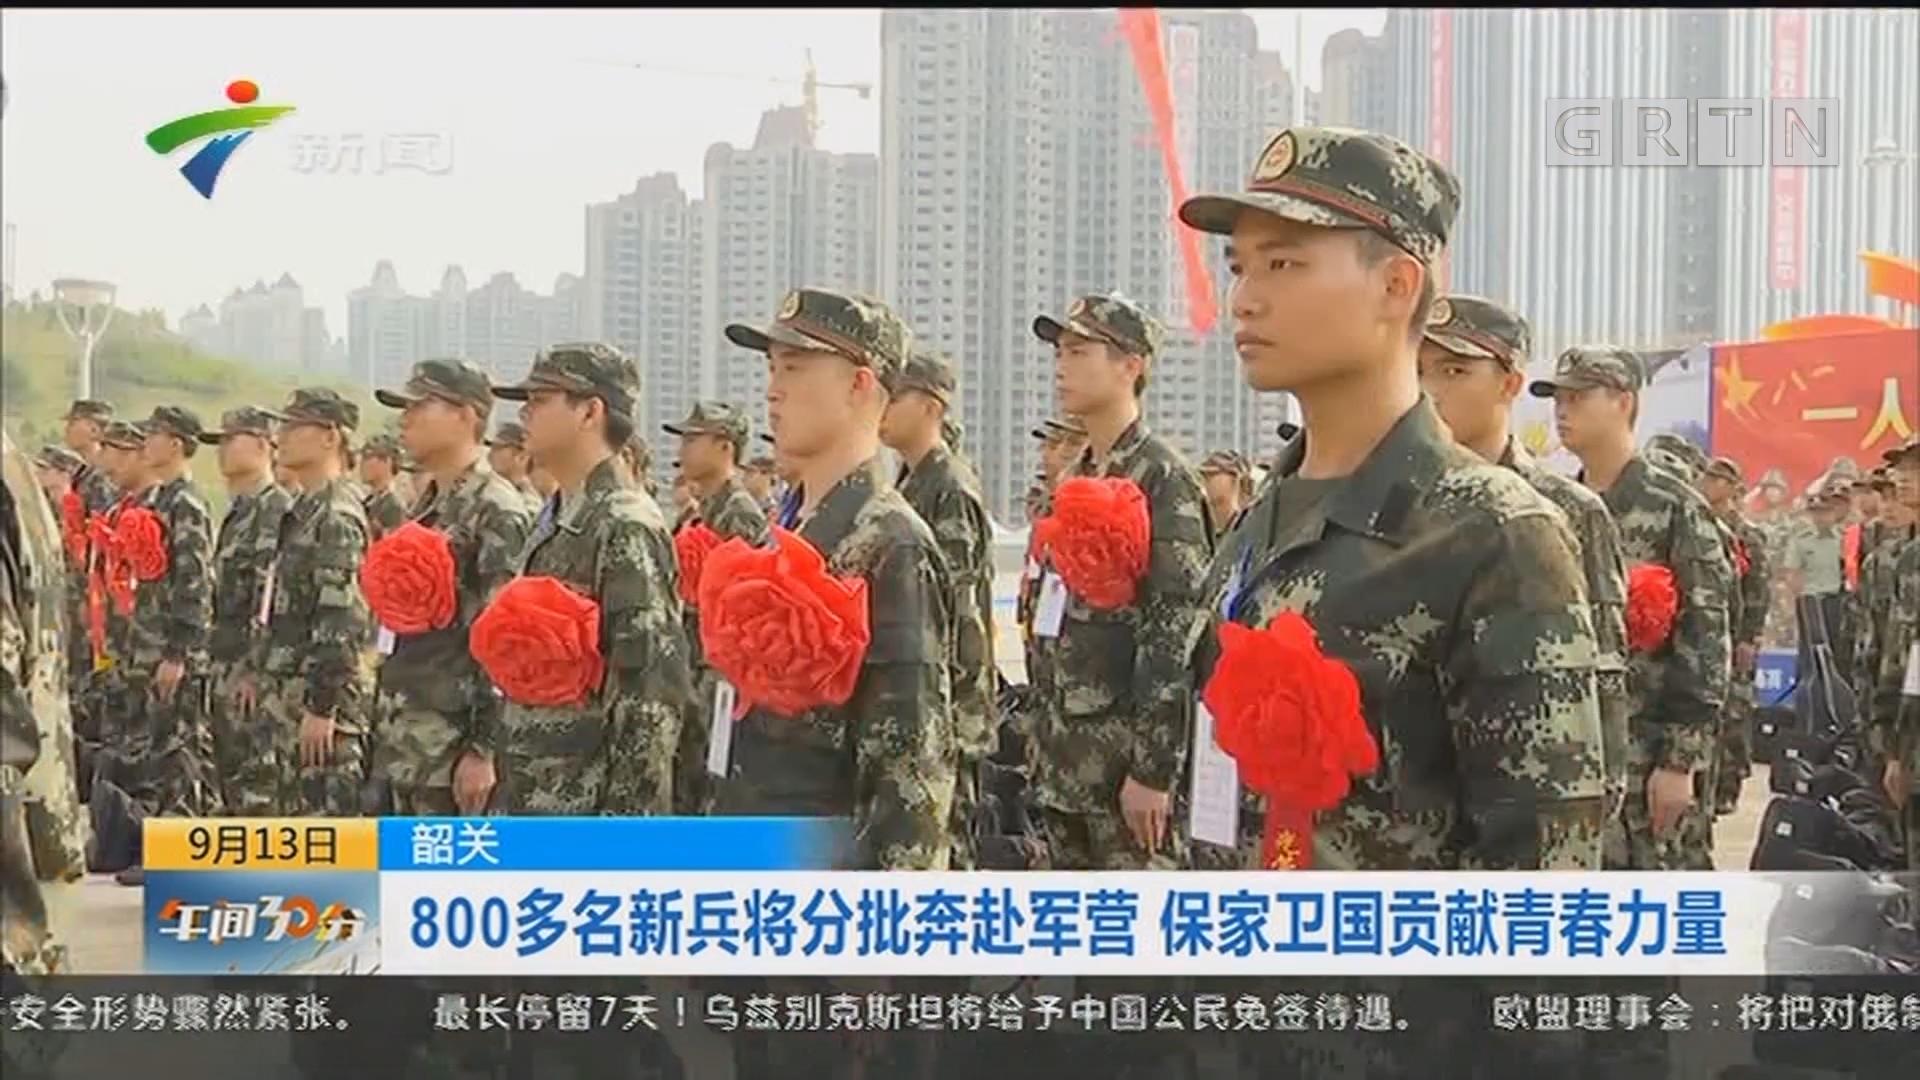 韶关:800多名新兵将分批奔赴军营 保家卫国贡献青春力量